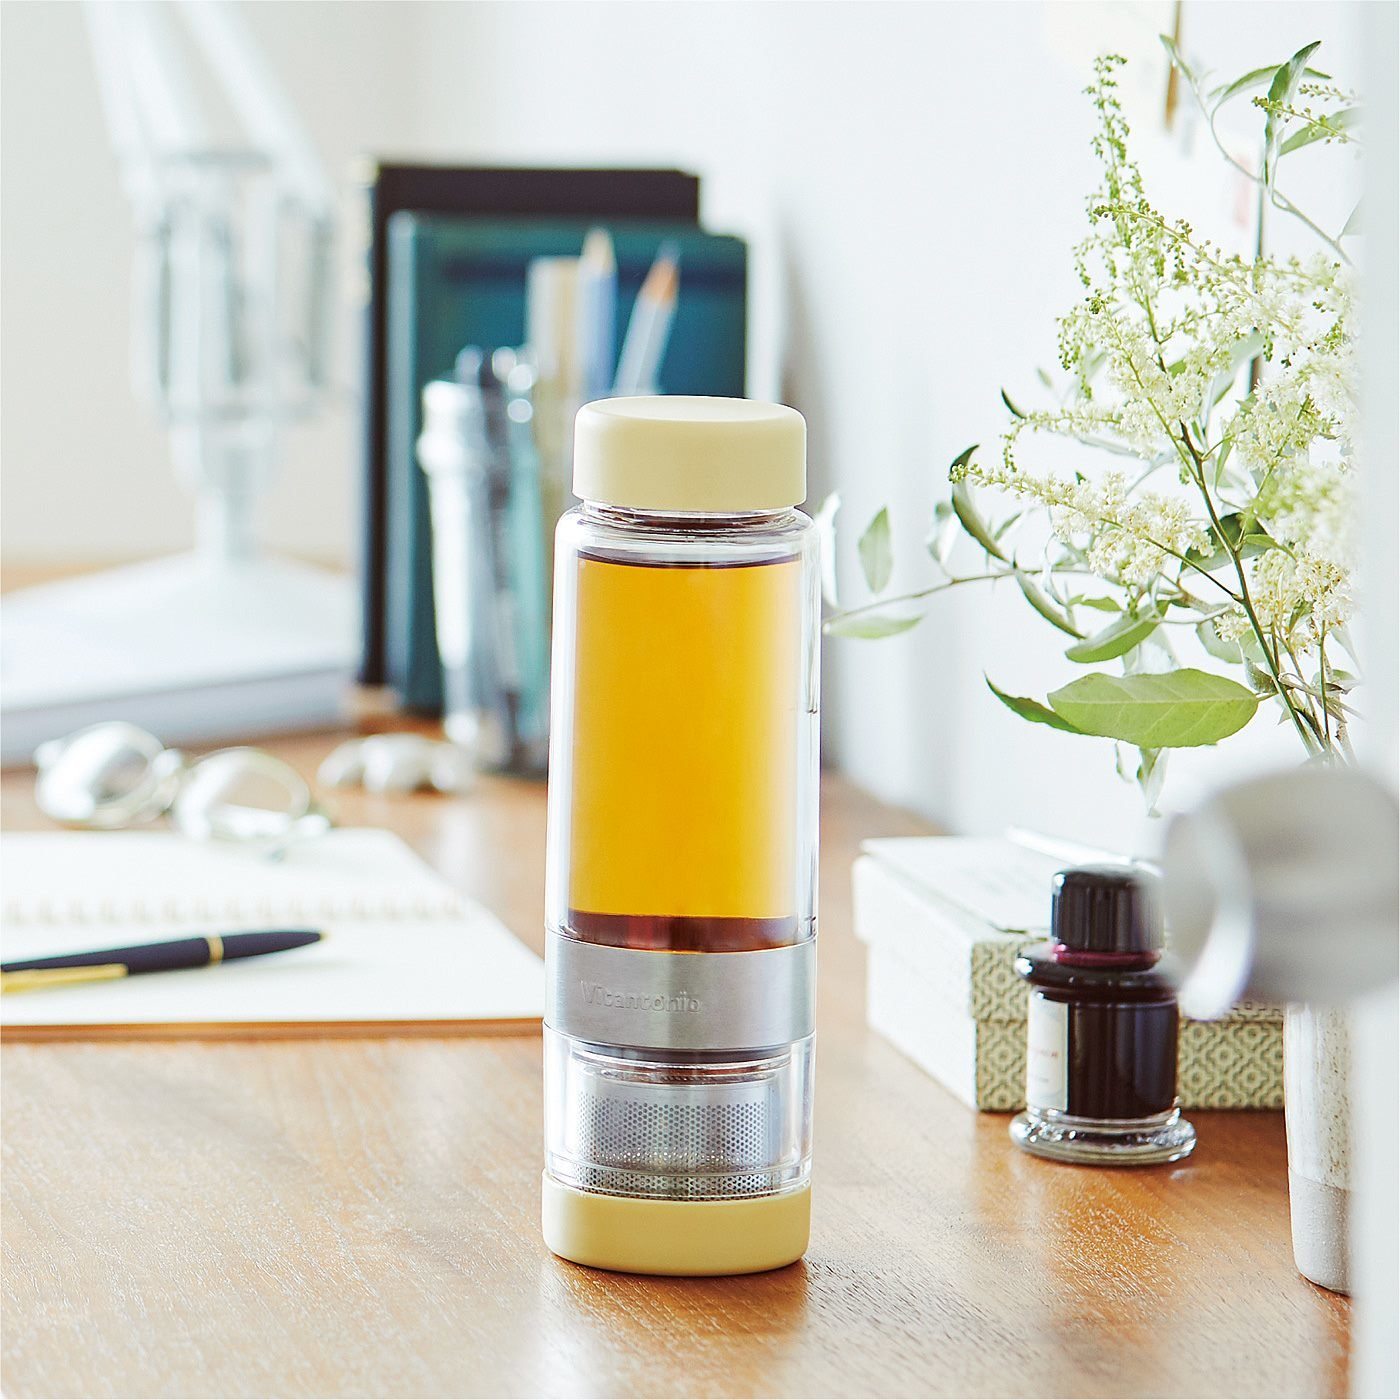 飲みごろになったら茶葉を分離 2煎目も楽しめる 茶こし付きマイボトルの会